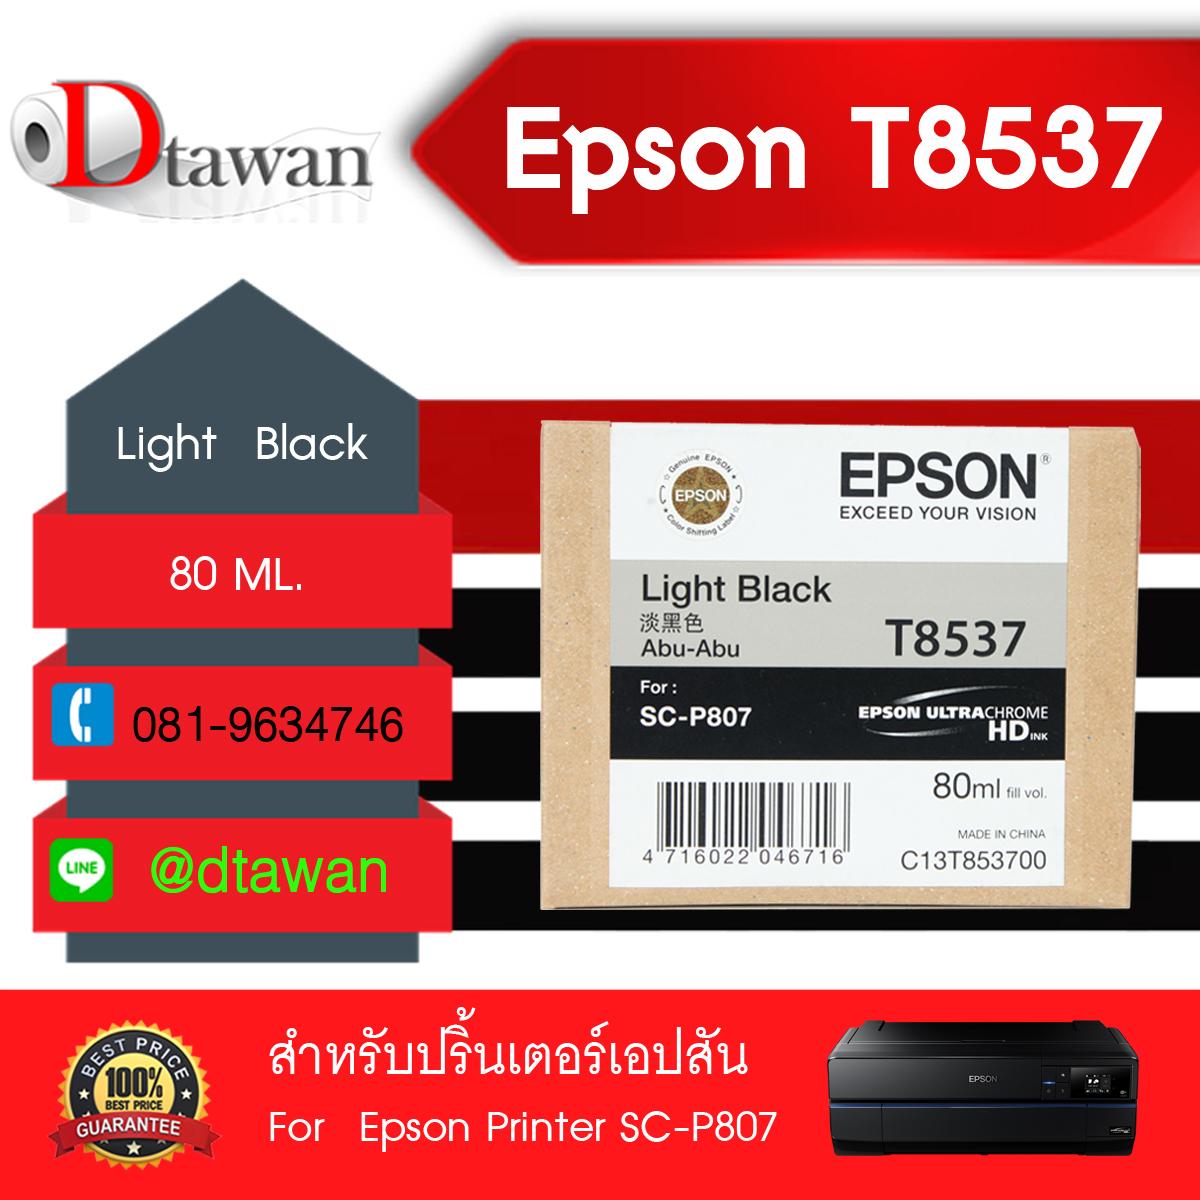 ตลับหมึกสำหรับ EPSON P807 รหัส T8537 สี LIGHT BLACK